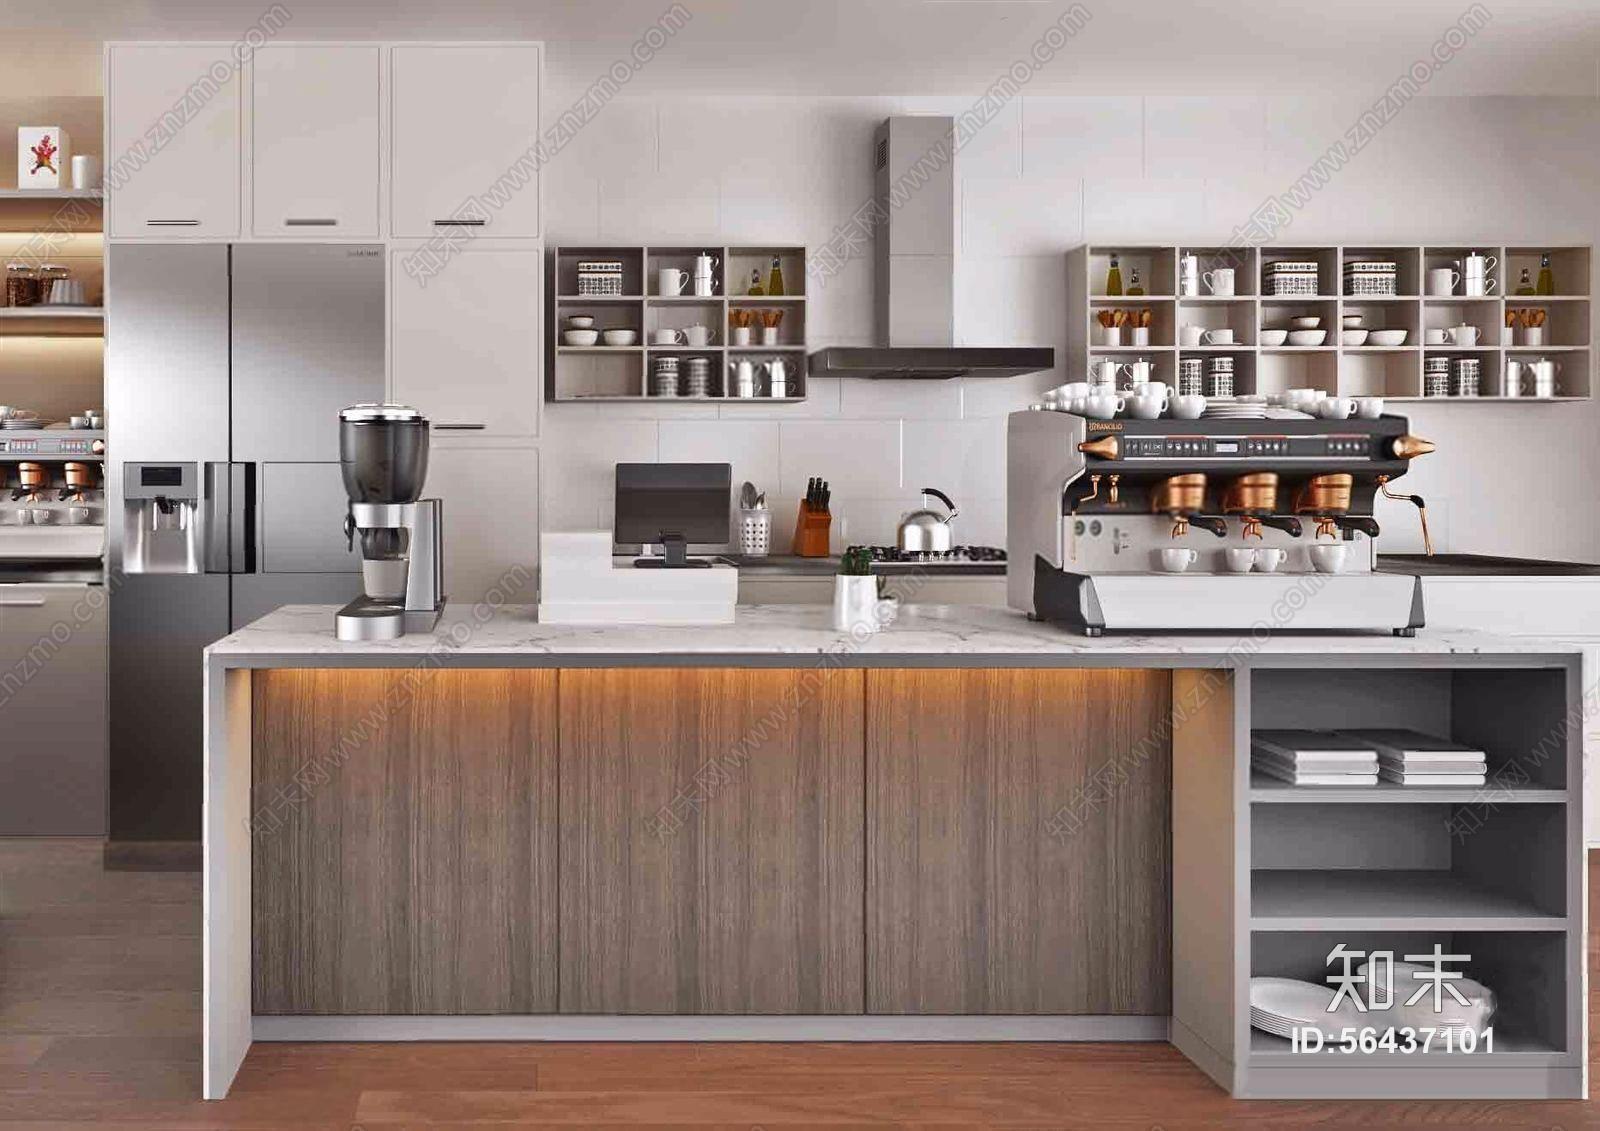 现代厨房 现代厨房 吧台 吧椅 橱柜 中岛 厨具 餐具 绿植